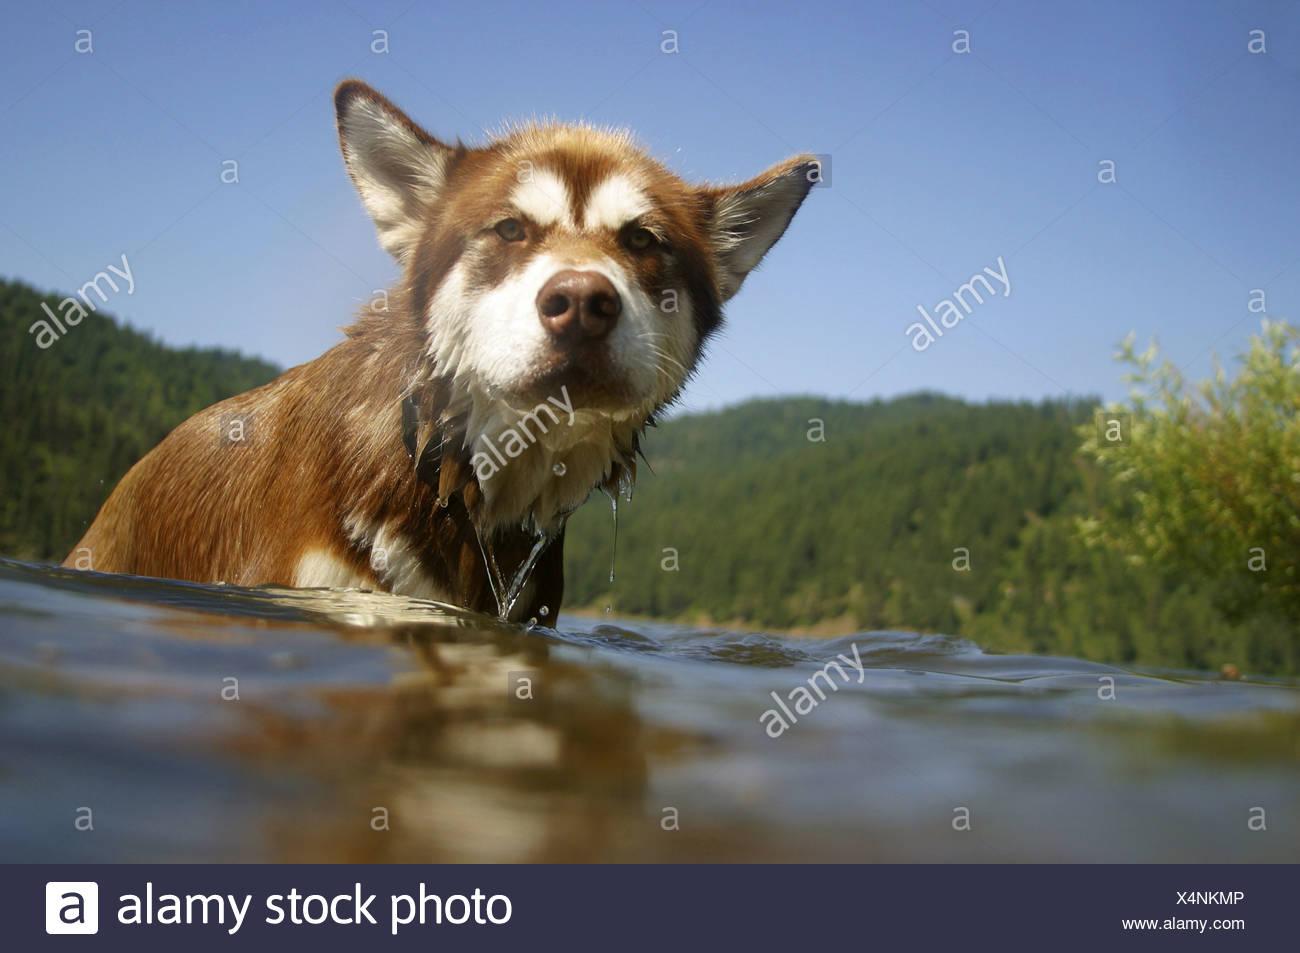 Hund schwimmen im Wasser Stockbild